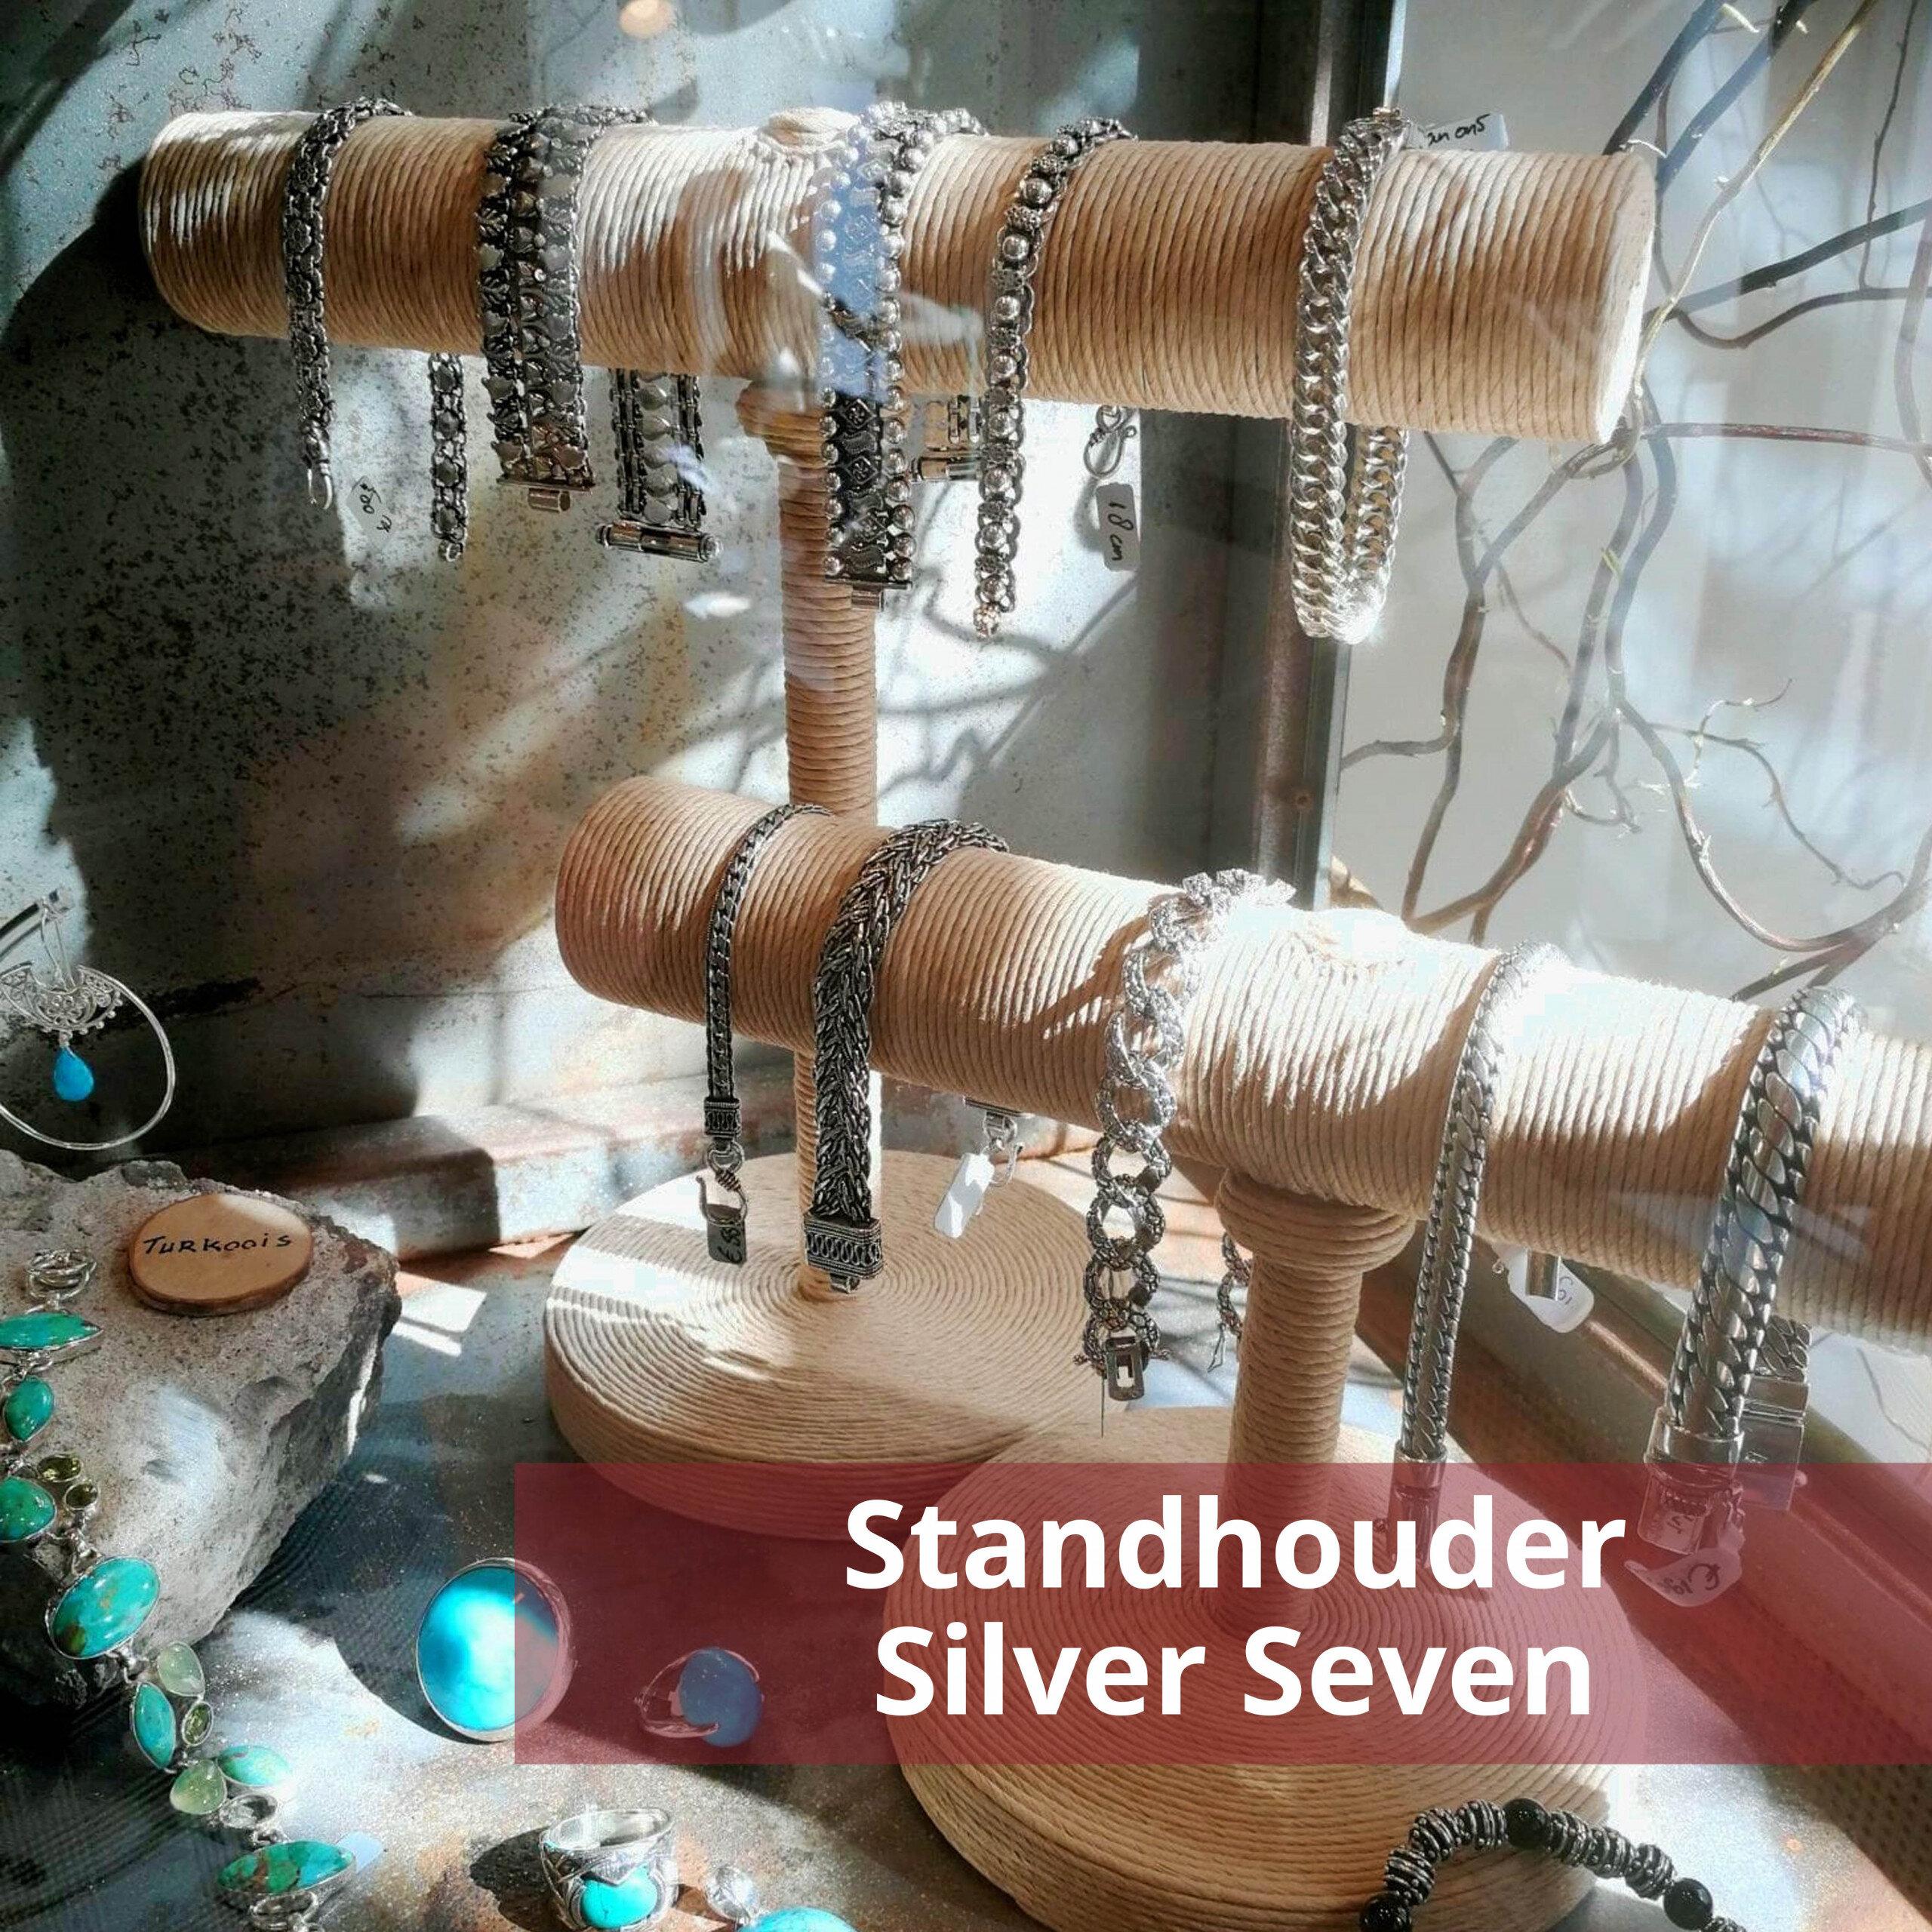 Silver Seven